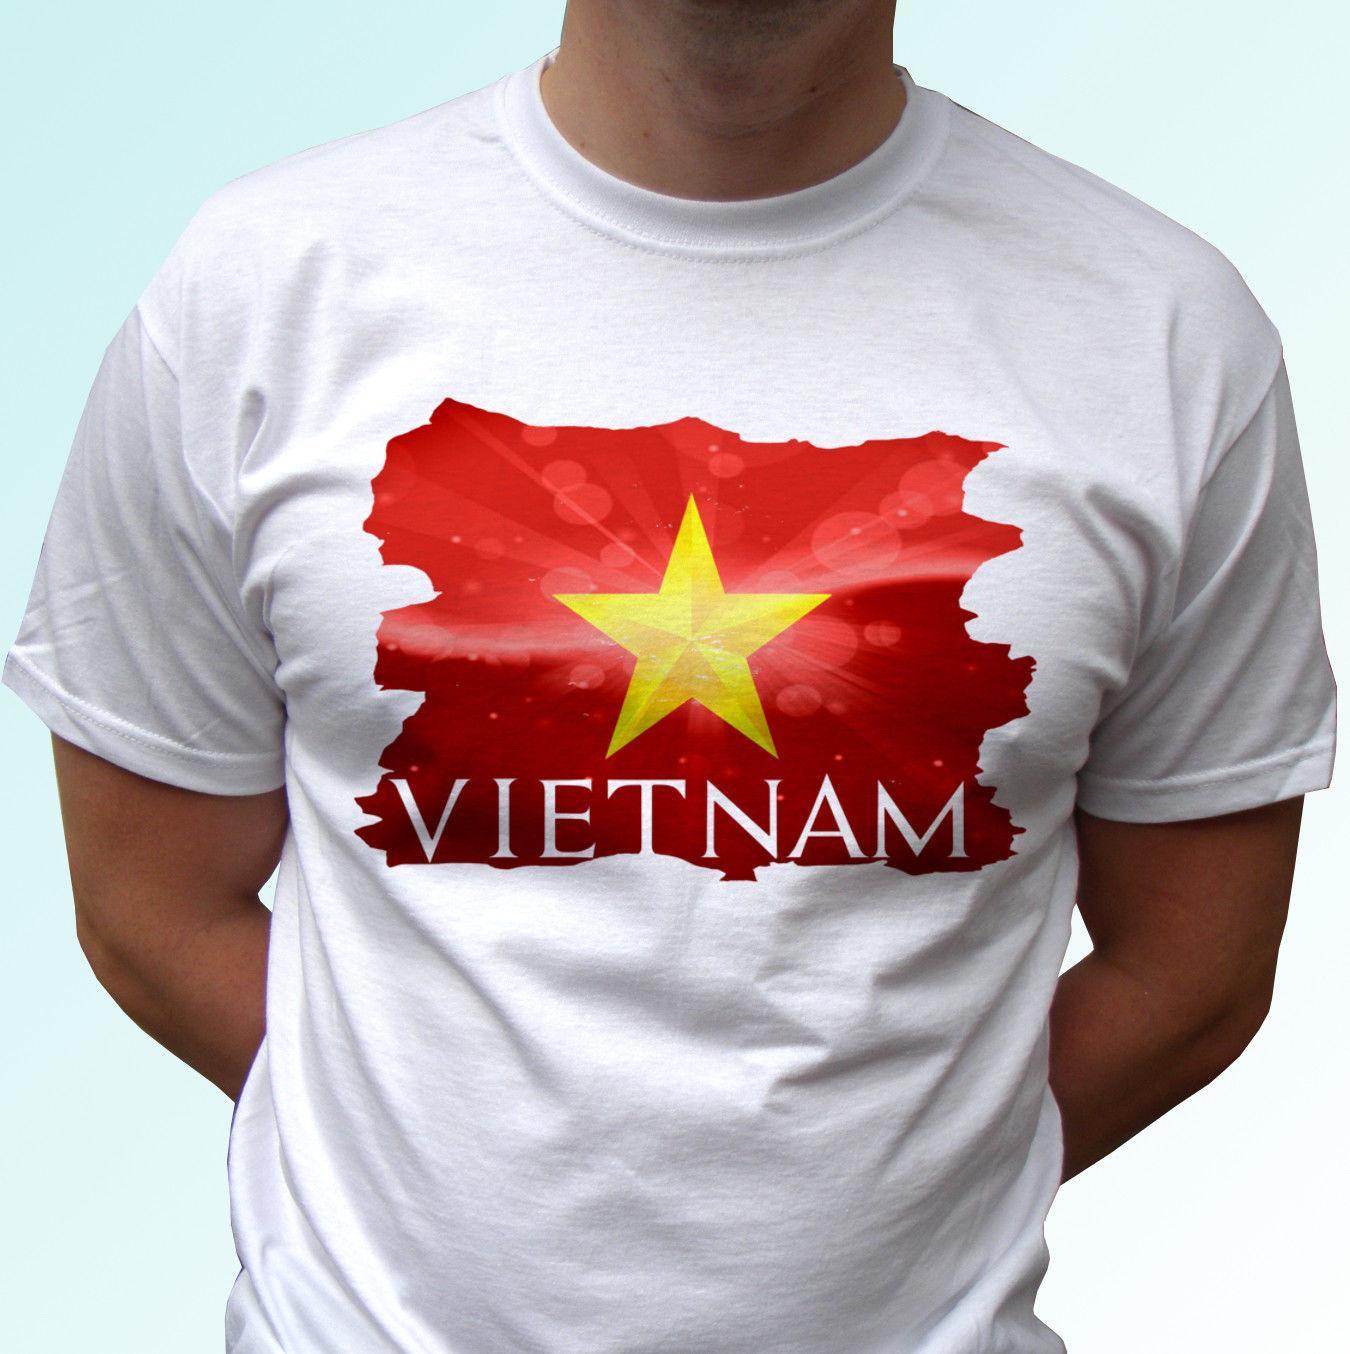 Grosshandel Vietnam Flagge Weisses T Shirt Spitzent Stuck Landdesign